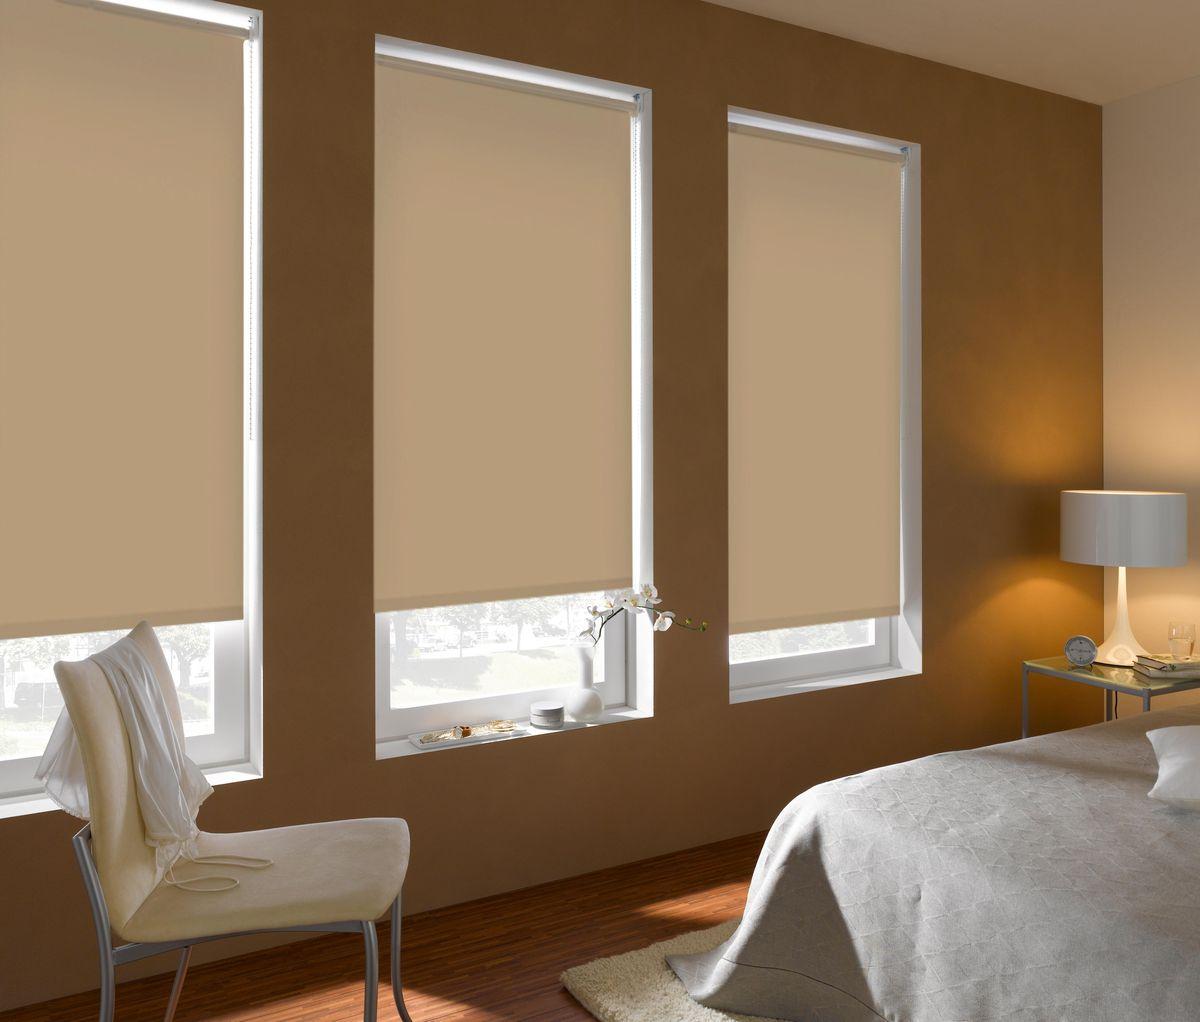 Штора рулонная Эскар Blackout, светонепроницаемая, цвет: бежевый, ширина 140 см, высота 170 см84009140170Рулонными шторами можно оформлять окна как самостоятельно, так и использовать в комбинации с портьерами. Это поможет предотвратить выгорание дорогой ткани на солнце и соединит функционал рулонных с красотой навесных.Преимущества применения рулонных штор для пластиковых окон:- имеют прекрасный внешний вид: многообразие и фактурность материала изделия отлично смотрятся в любом интерьере; - многофункциональны: есть возможность подобрать шторы способные эффективно защитить комнату от солнца, при этом она не будет слишком темной.- Есть возможность осуществить быстрый монтаж.ВНИМАНИЕ! Размеры ширины изделия указаны по ширине ткани!Во время эксплуатации не рекомендуется полностью разматывать рулон, чтобы не оторвать ткань от намоточного вала.В случае загрязнения поверхности ткани, чистку шторы проводят одним из способов, в зависимости от типа загрязнения: легкое поверхностное загрязнение можно удалить при помощи канцелярского ластика; чистка от пыли производится сухим методом при помощи пылесоса с мягкой щеткой-насадкой; для удаления пятна используйте мягкую губку с пенообразующим неагрессивным моющим средством или пятновыводитель на натуральной основе (нельзя применять растворители).